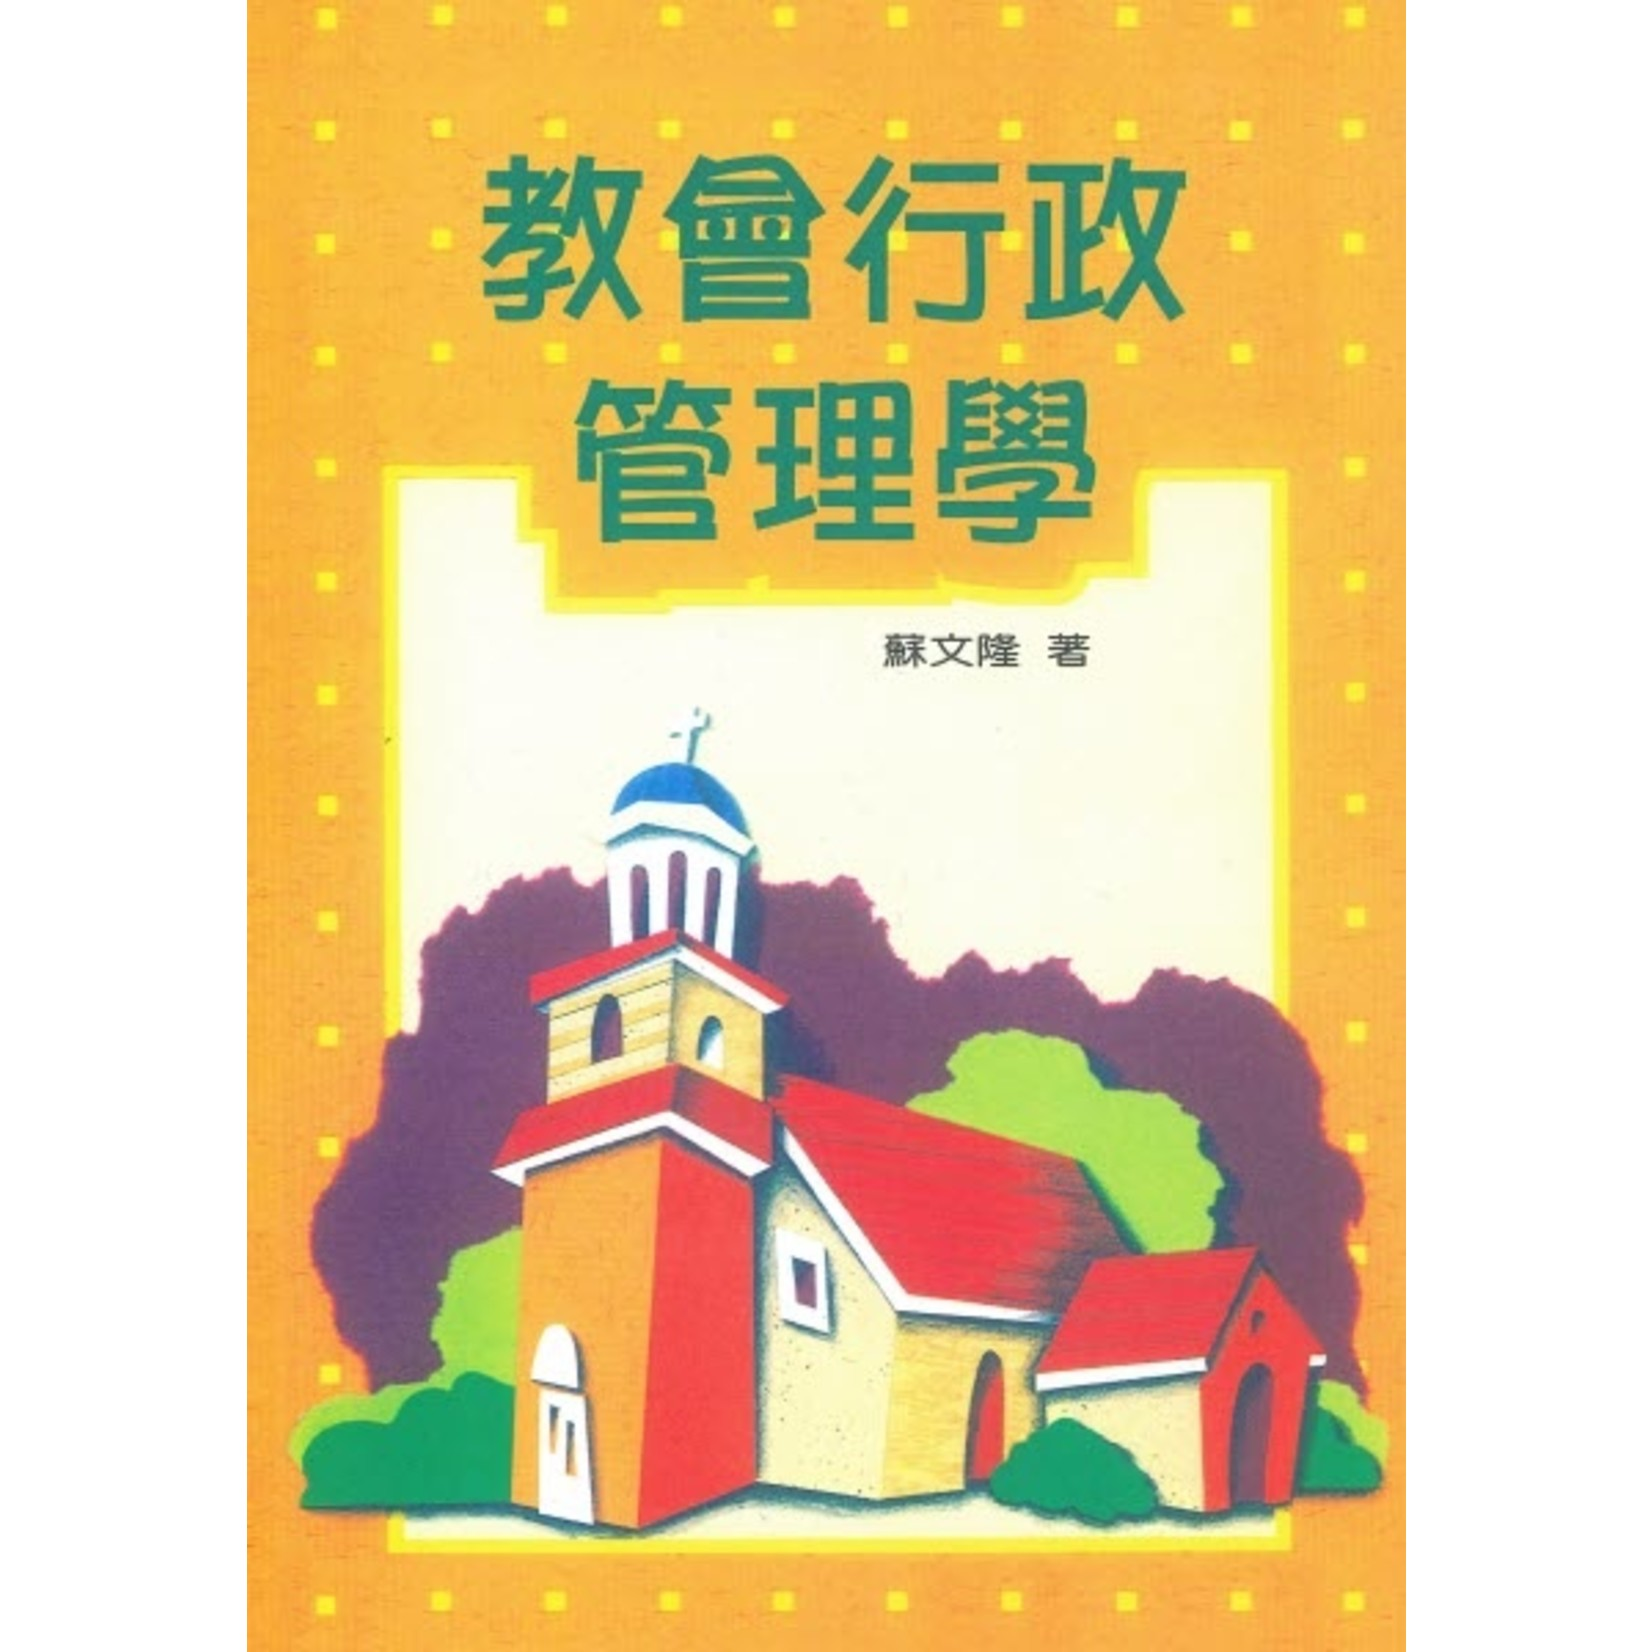 中華福音神學院 China Evangelical Seminary 教會行政管理學